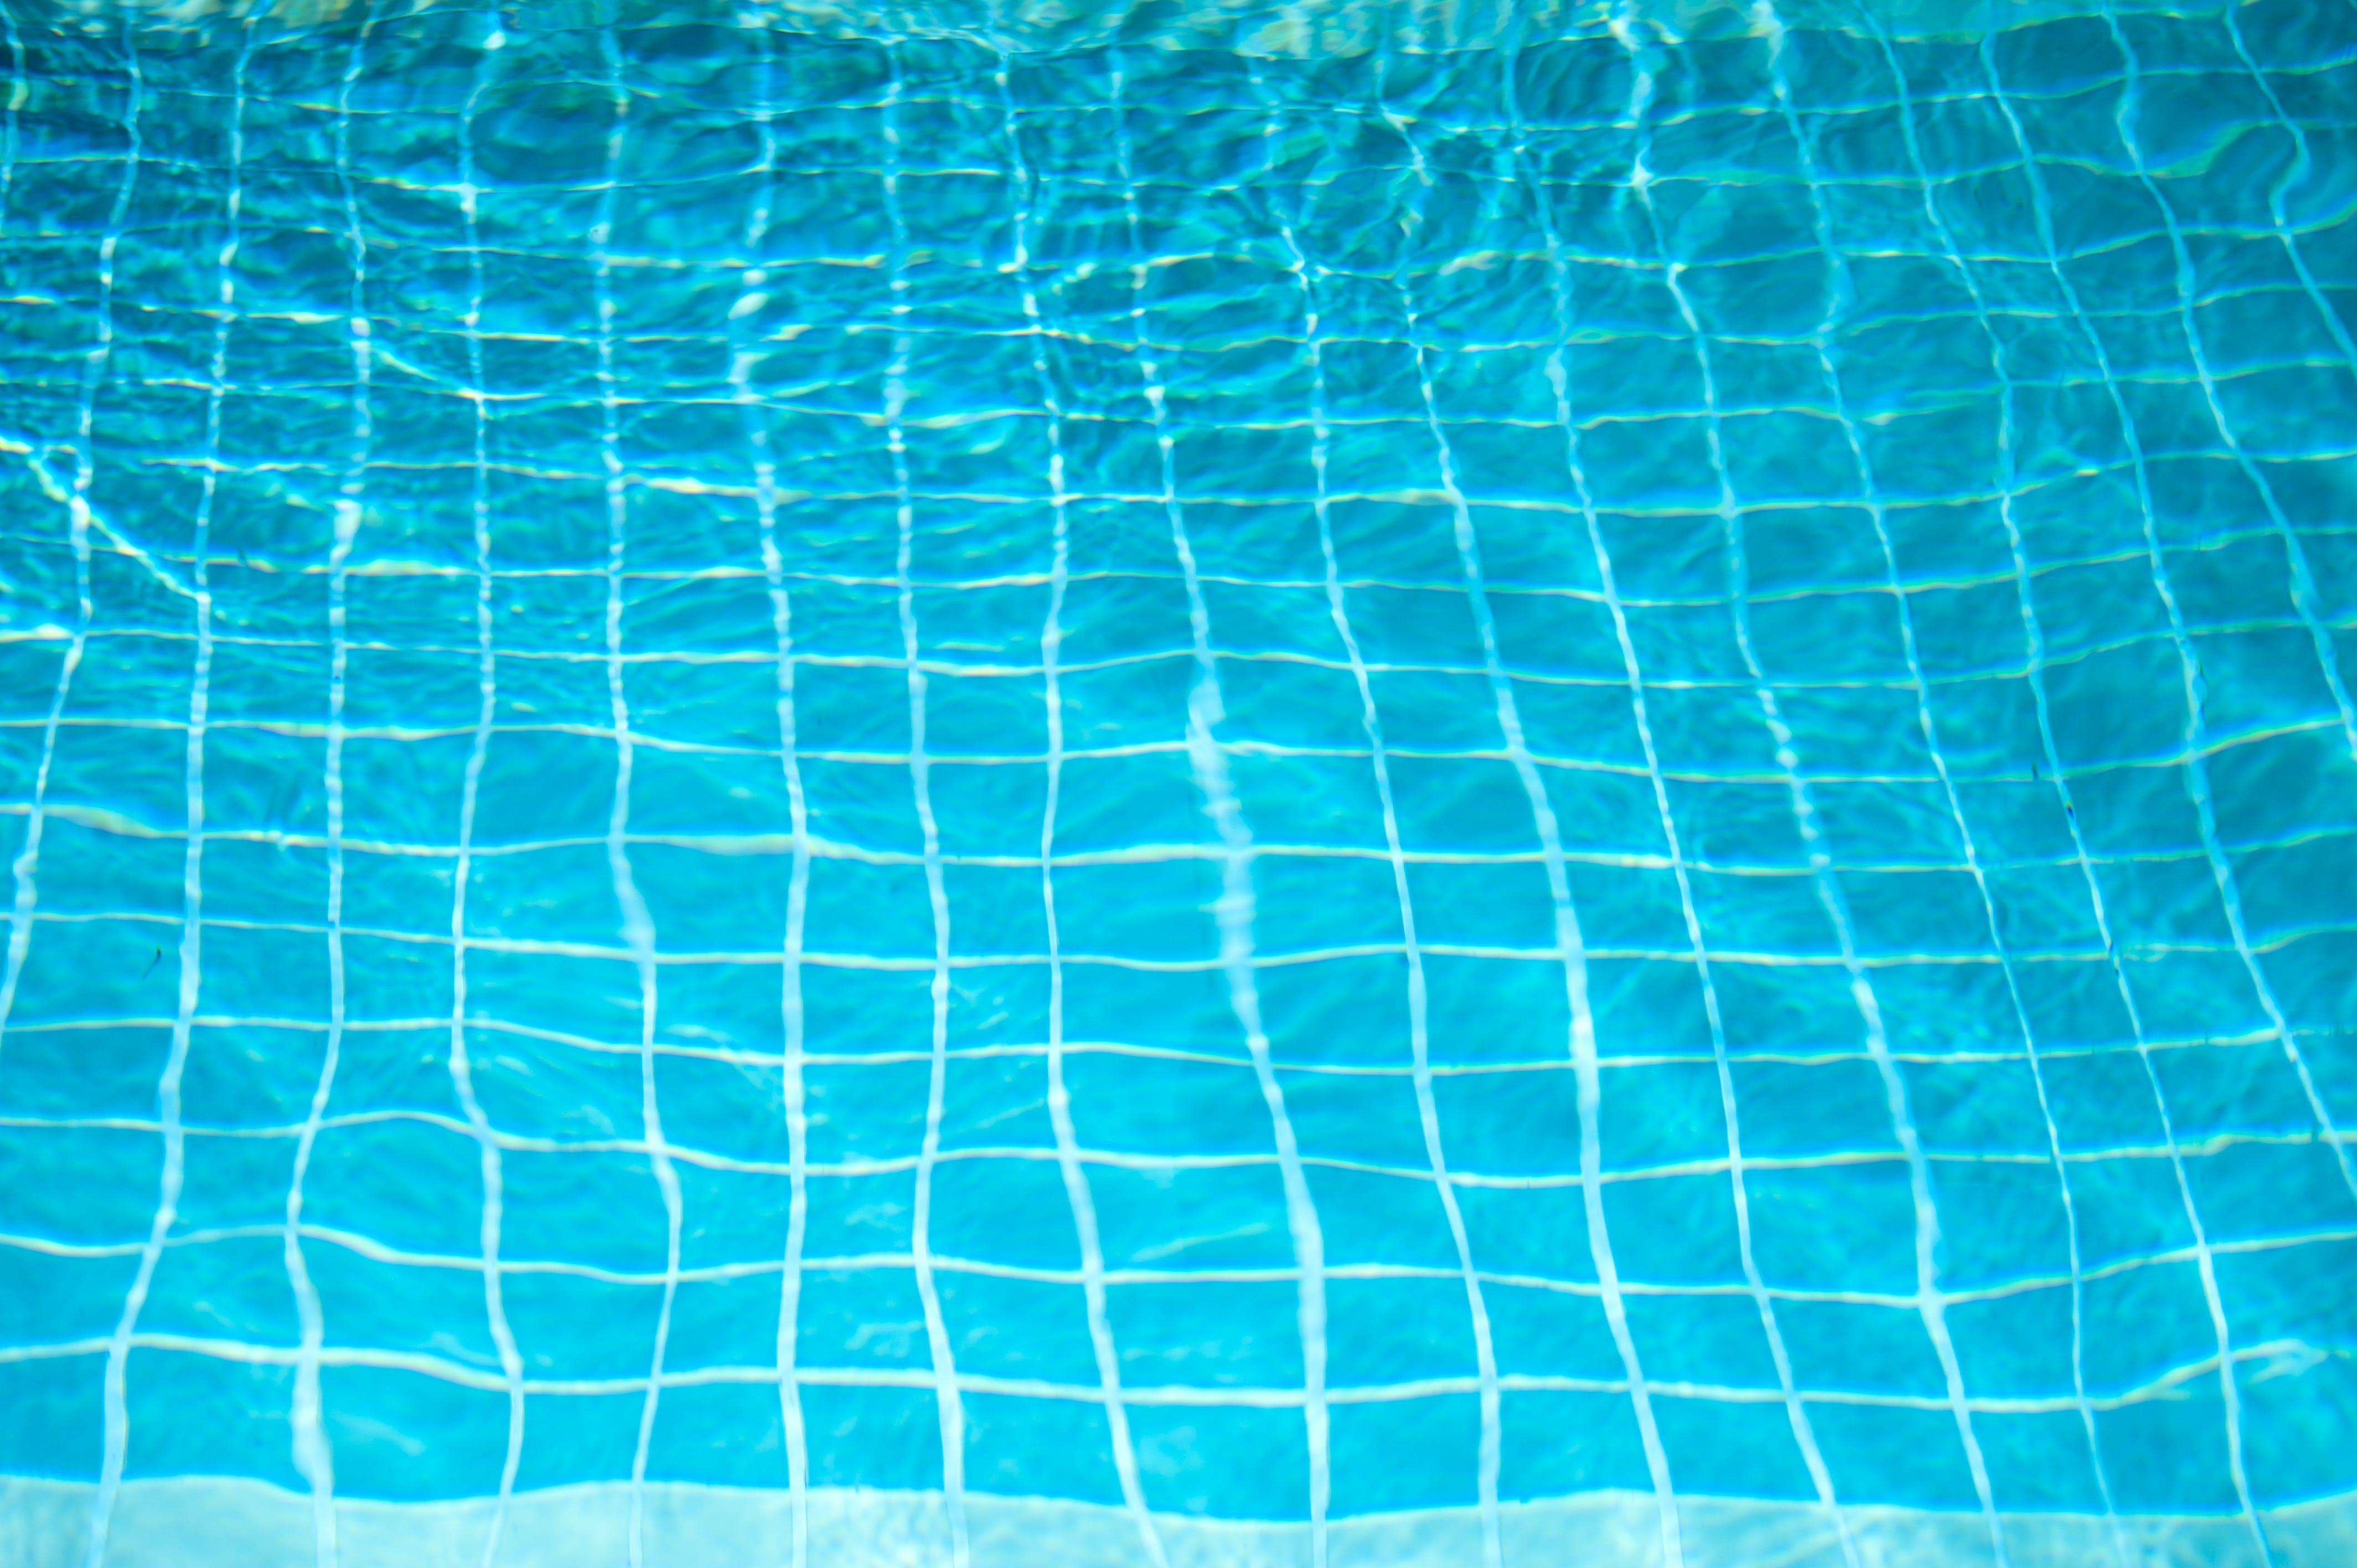 Kostenloses Stock Foto zu design, einbaum-pool, fliesen, h2o